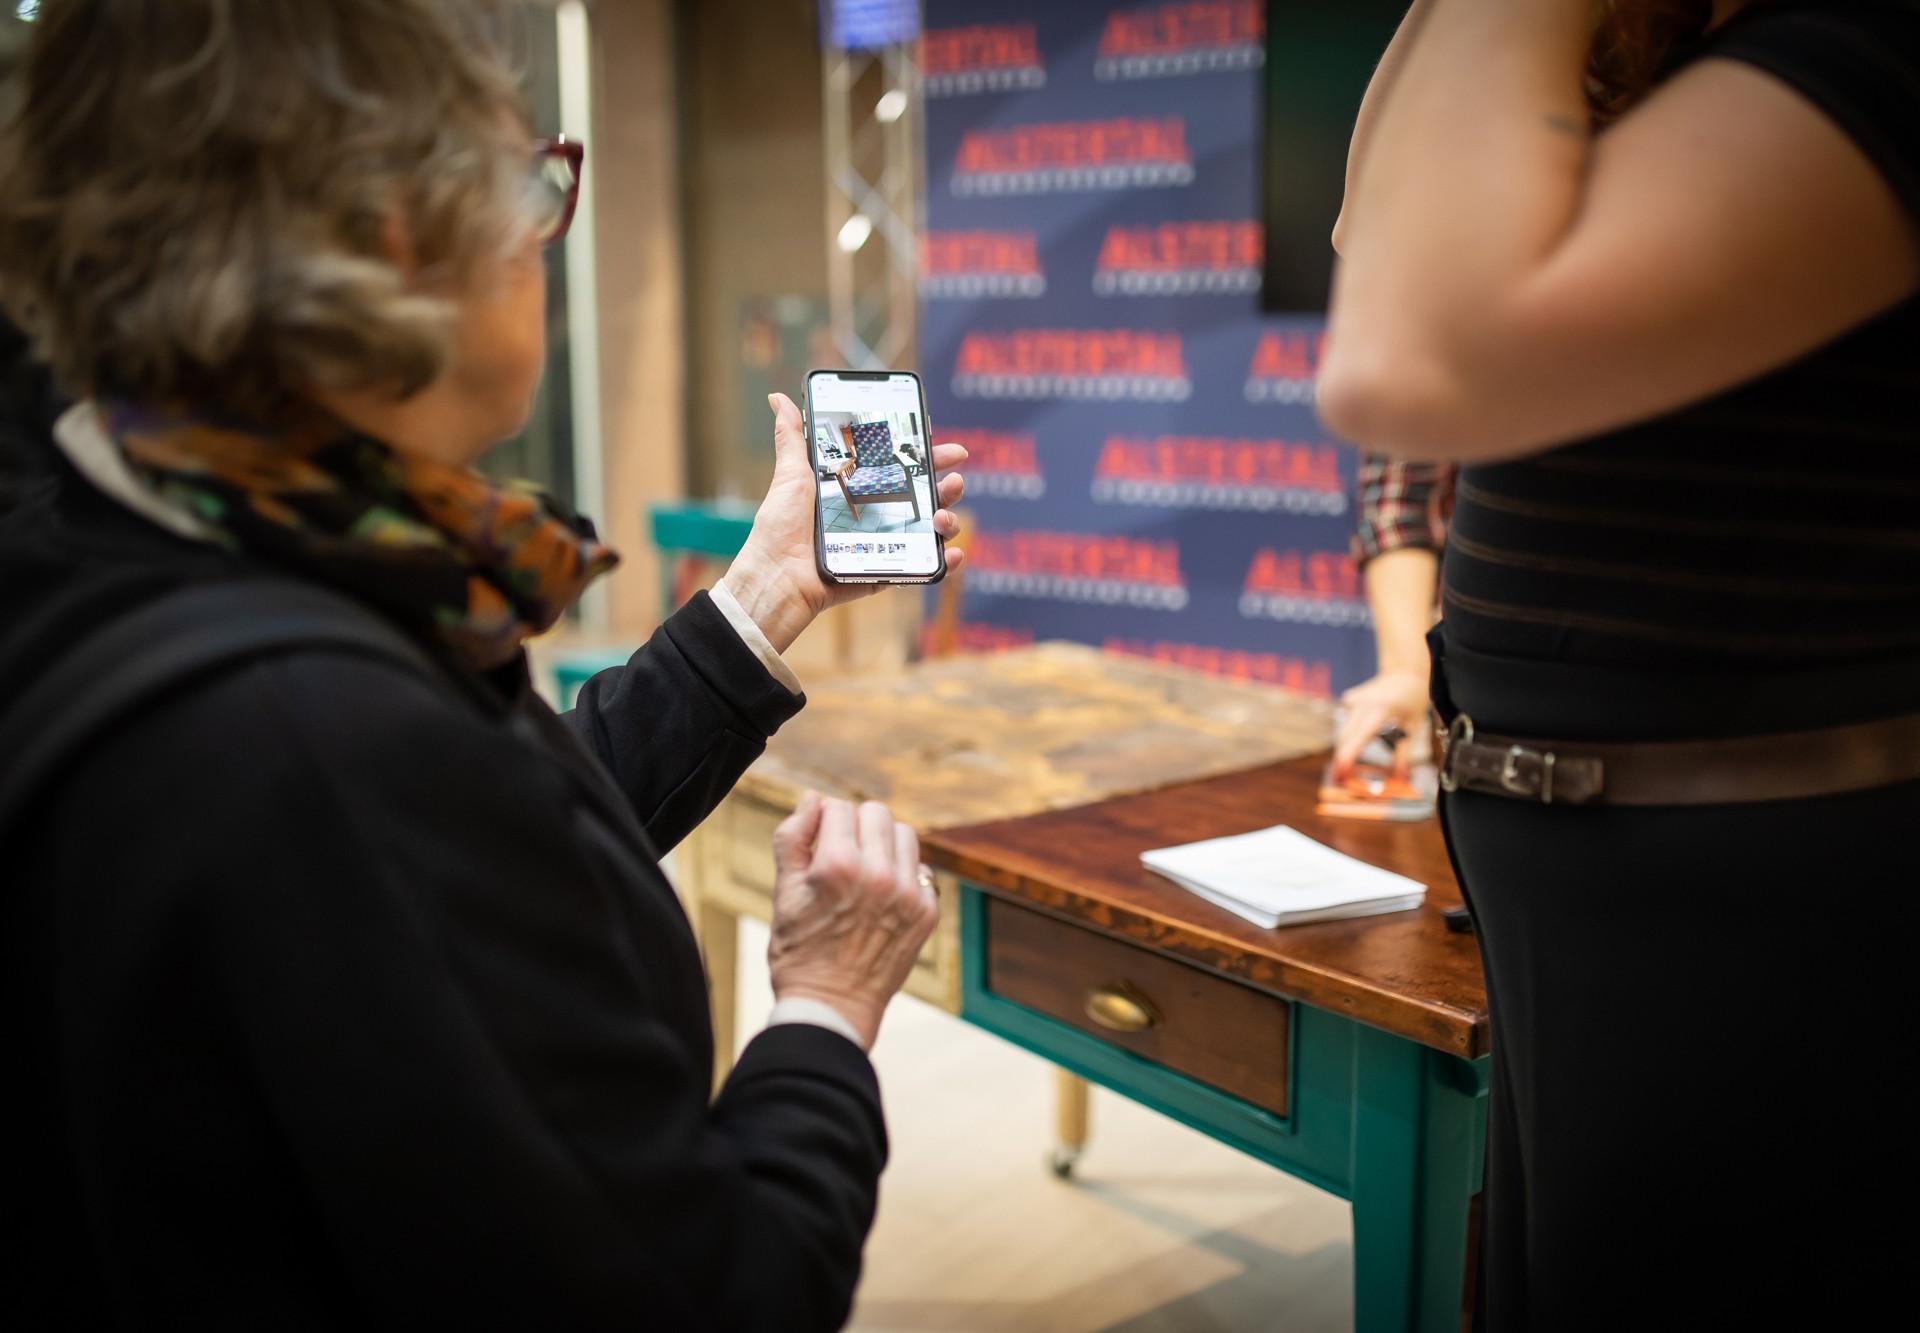 Besucher zeigen ihre Schätze per Handy.j